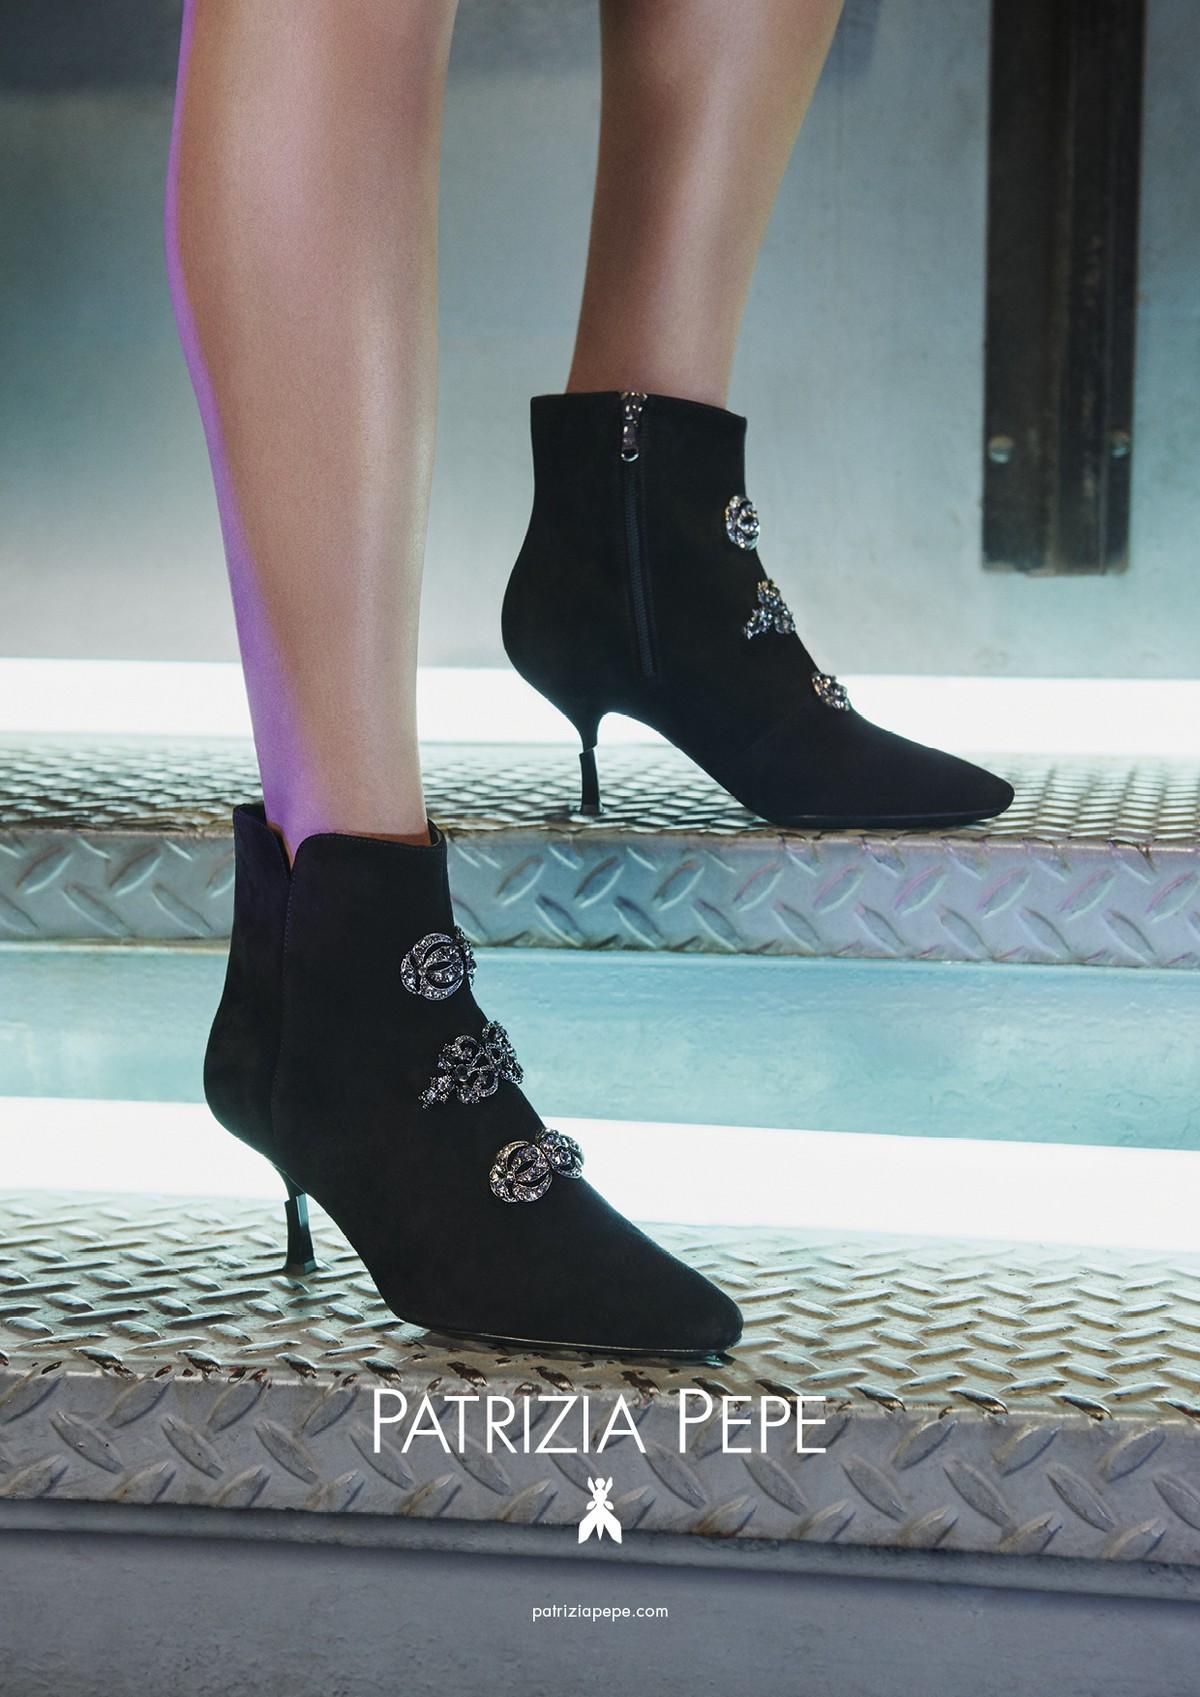 Patrizia Pepe campagna autunno inverno 2018 2019